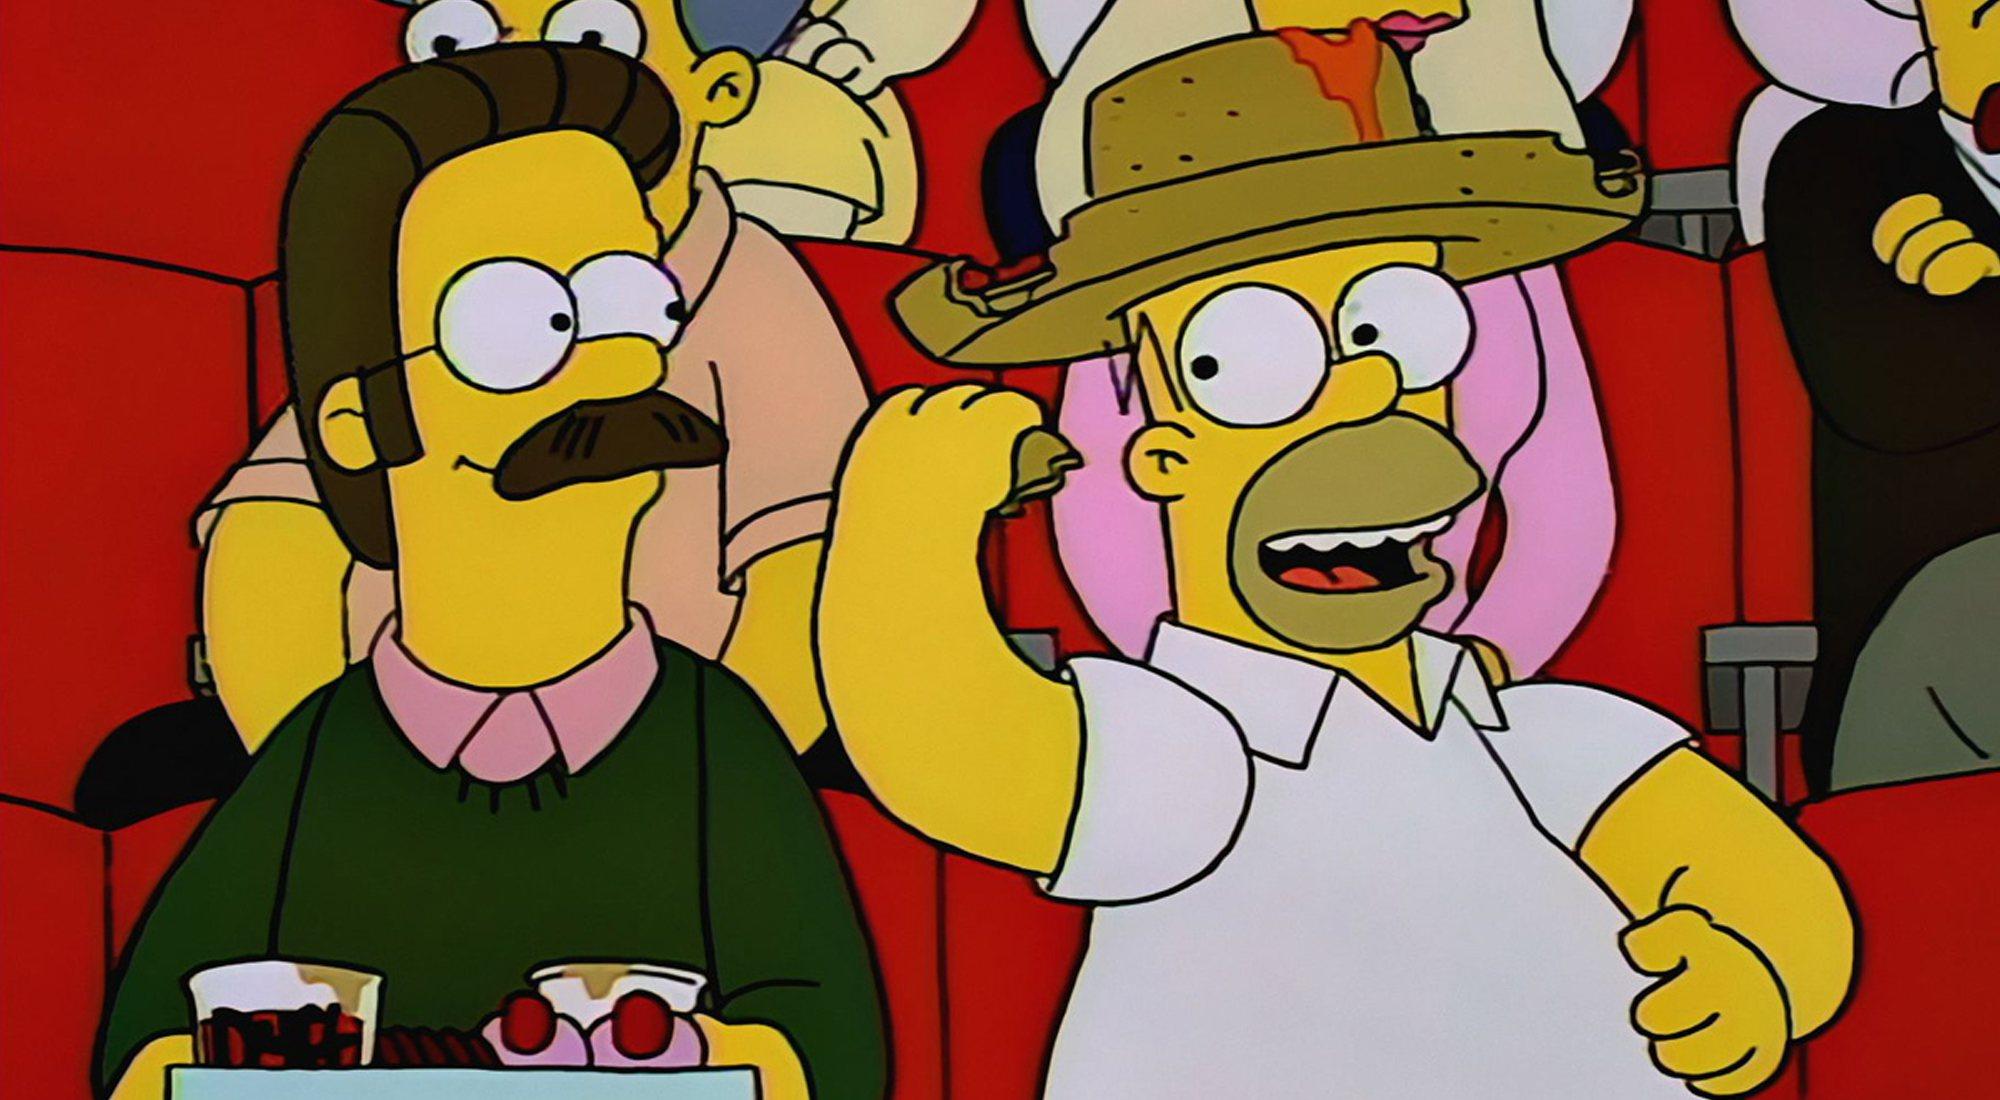 Flanders and Homer, très proches dans le 5x16 de 'The Simpsons'